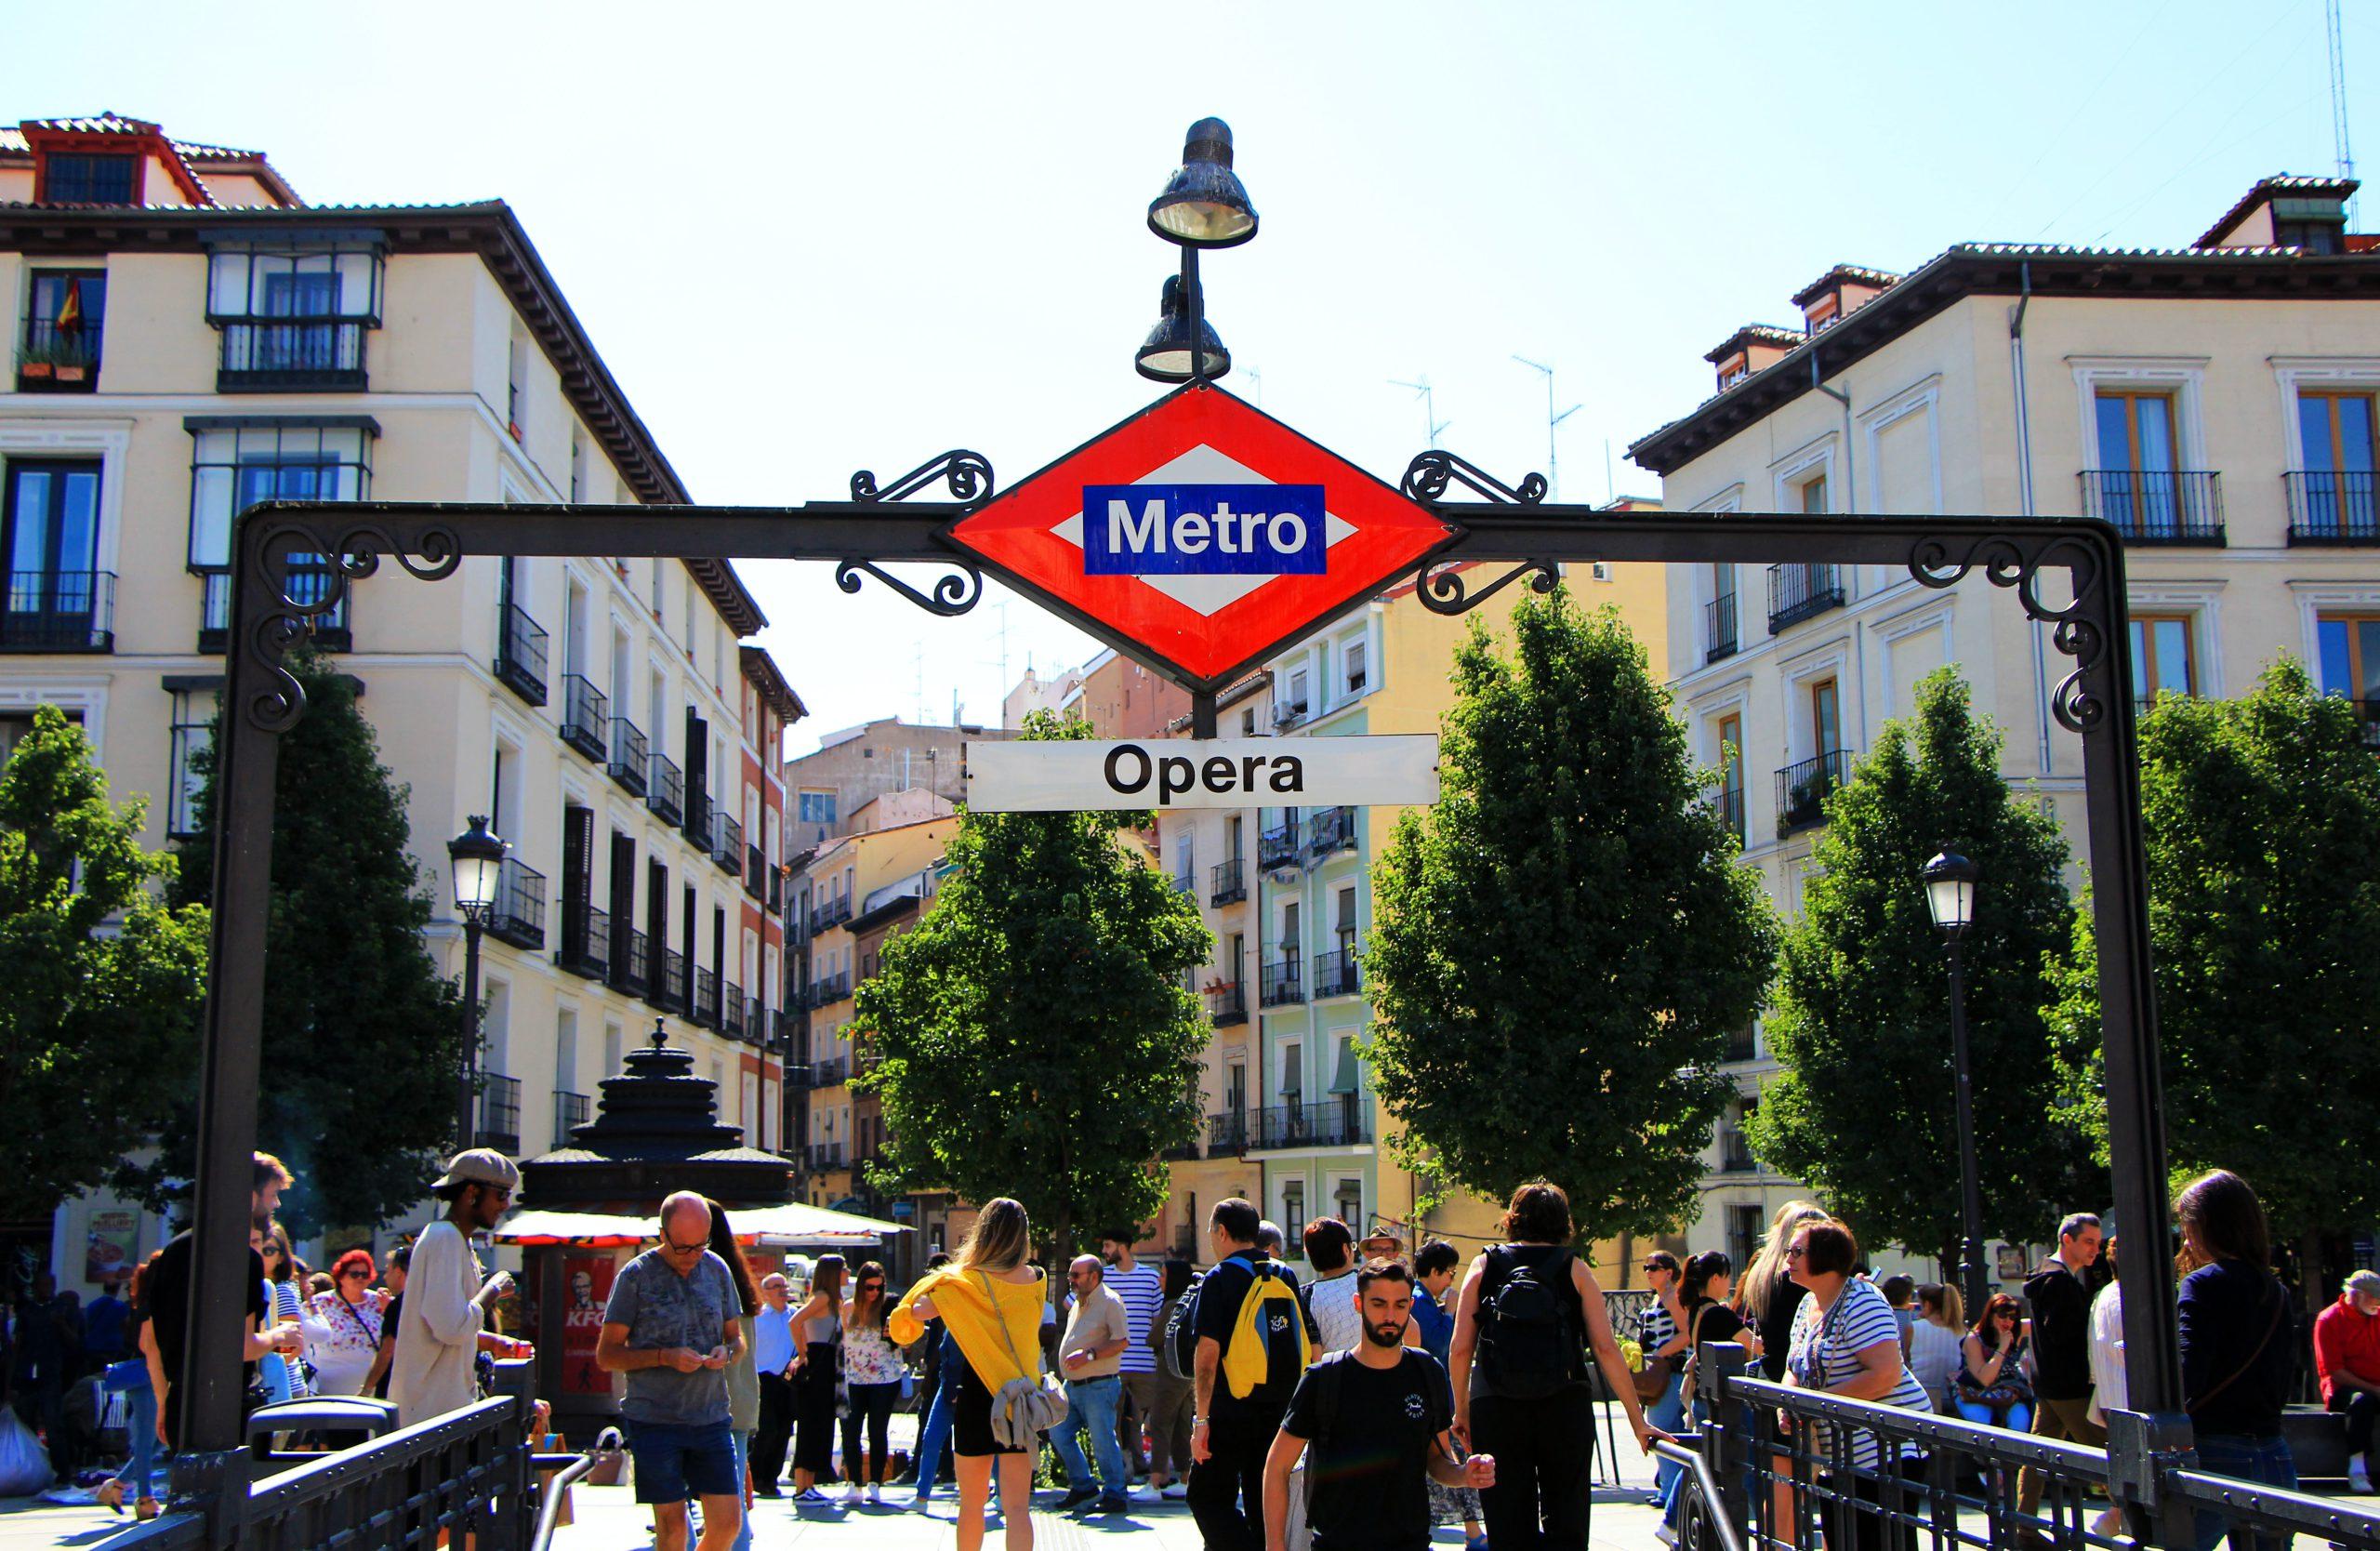 Metro de Madrid Estación Opera